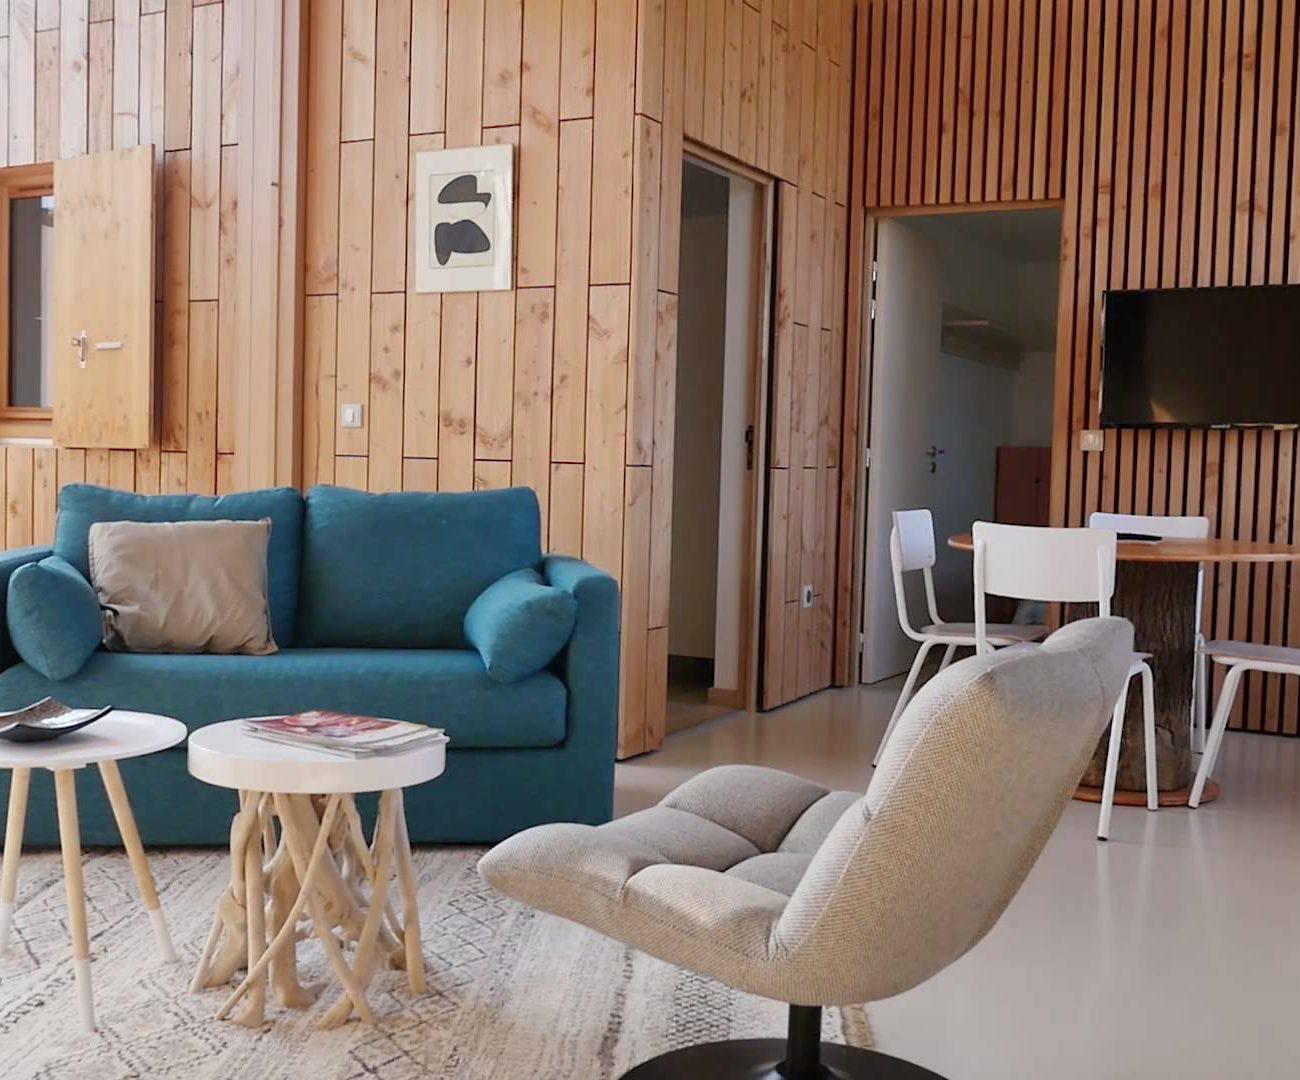 Woonkamer met fauteuil en blauwe bank van vakantiehuis